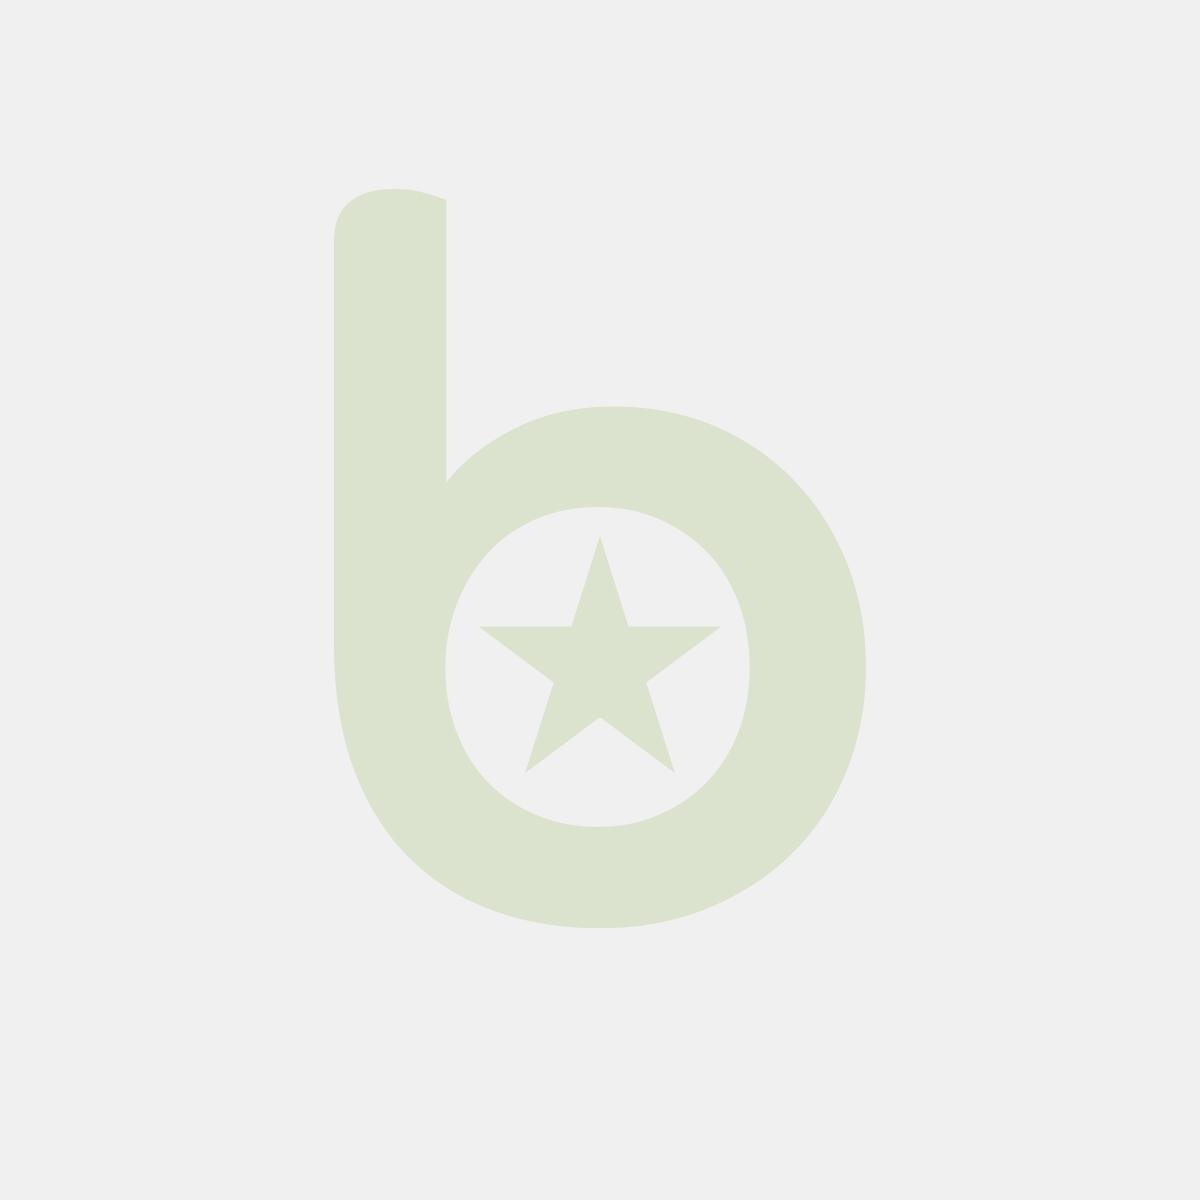 Taca prostokątna Le Perle biała melamina 33x20x2,5cm